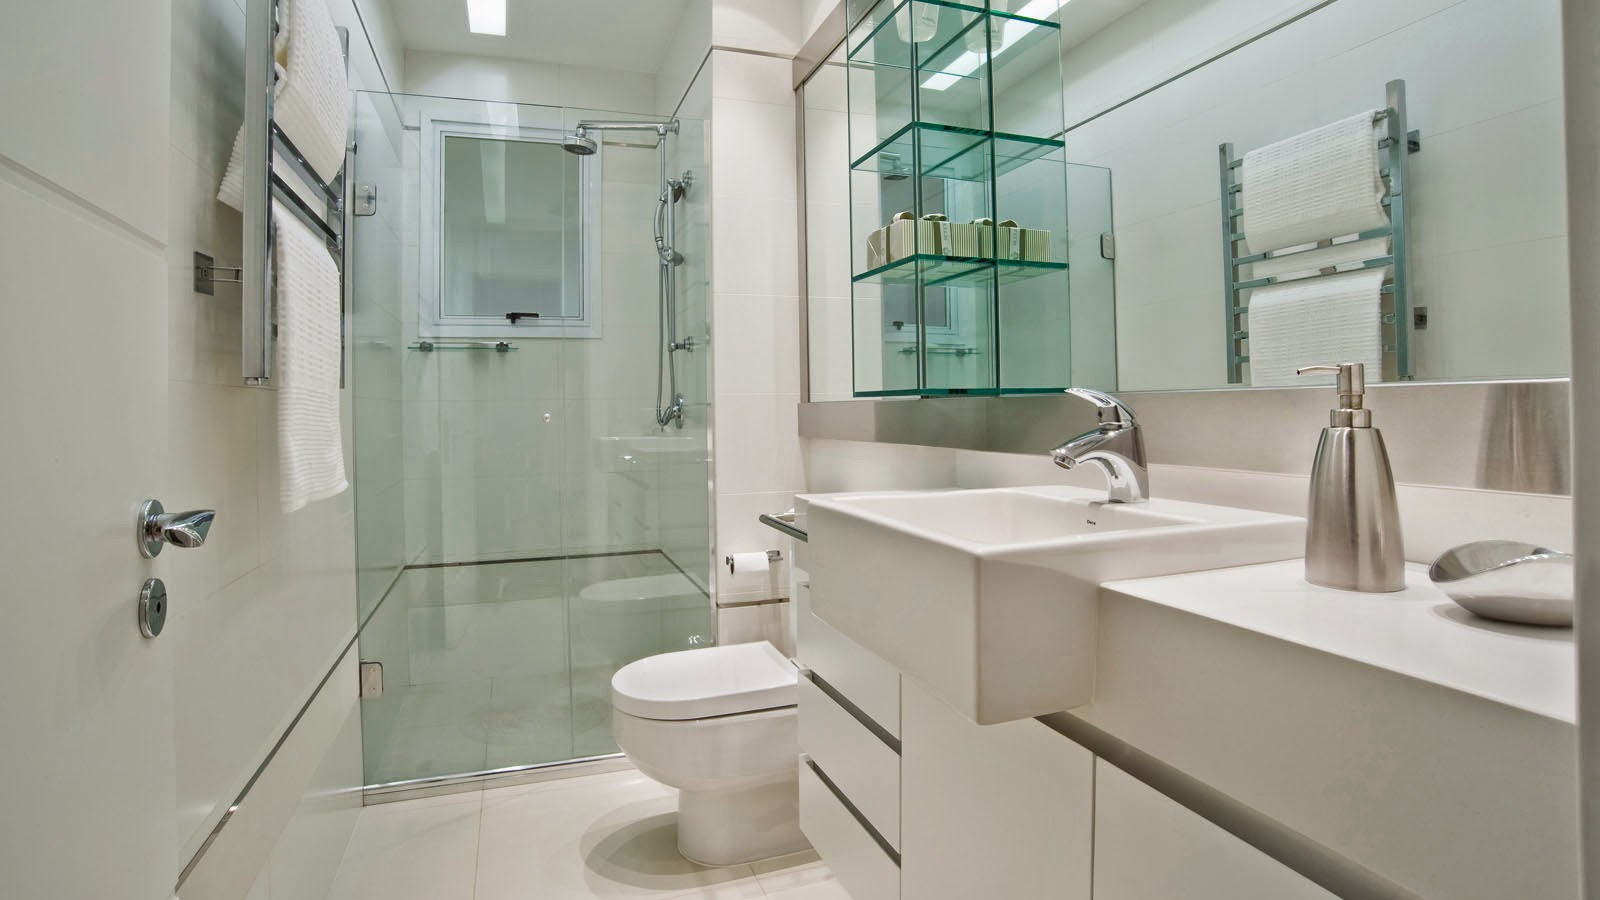 #476E61  banheiro deve ser prático sim mas também bonito. Quem não se sente 1600x900 px Banheiros Bonitos Fotos 1519